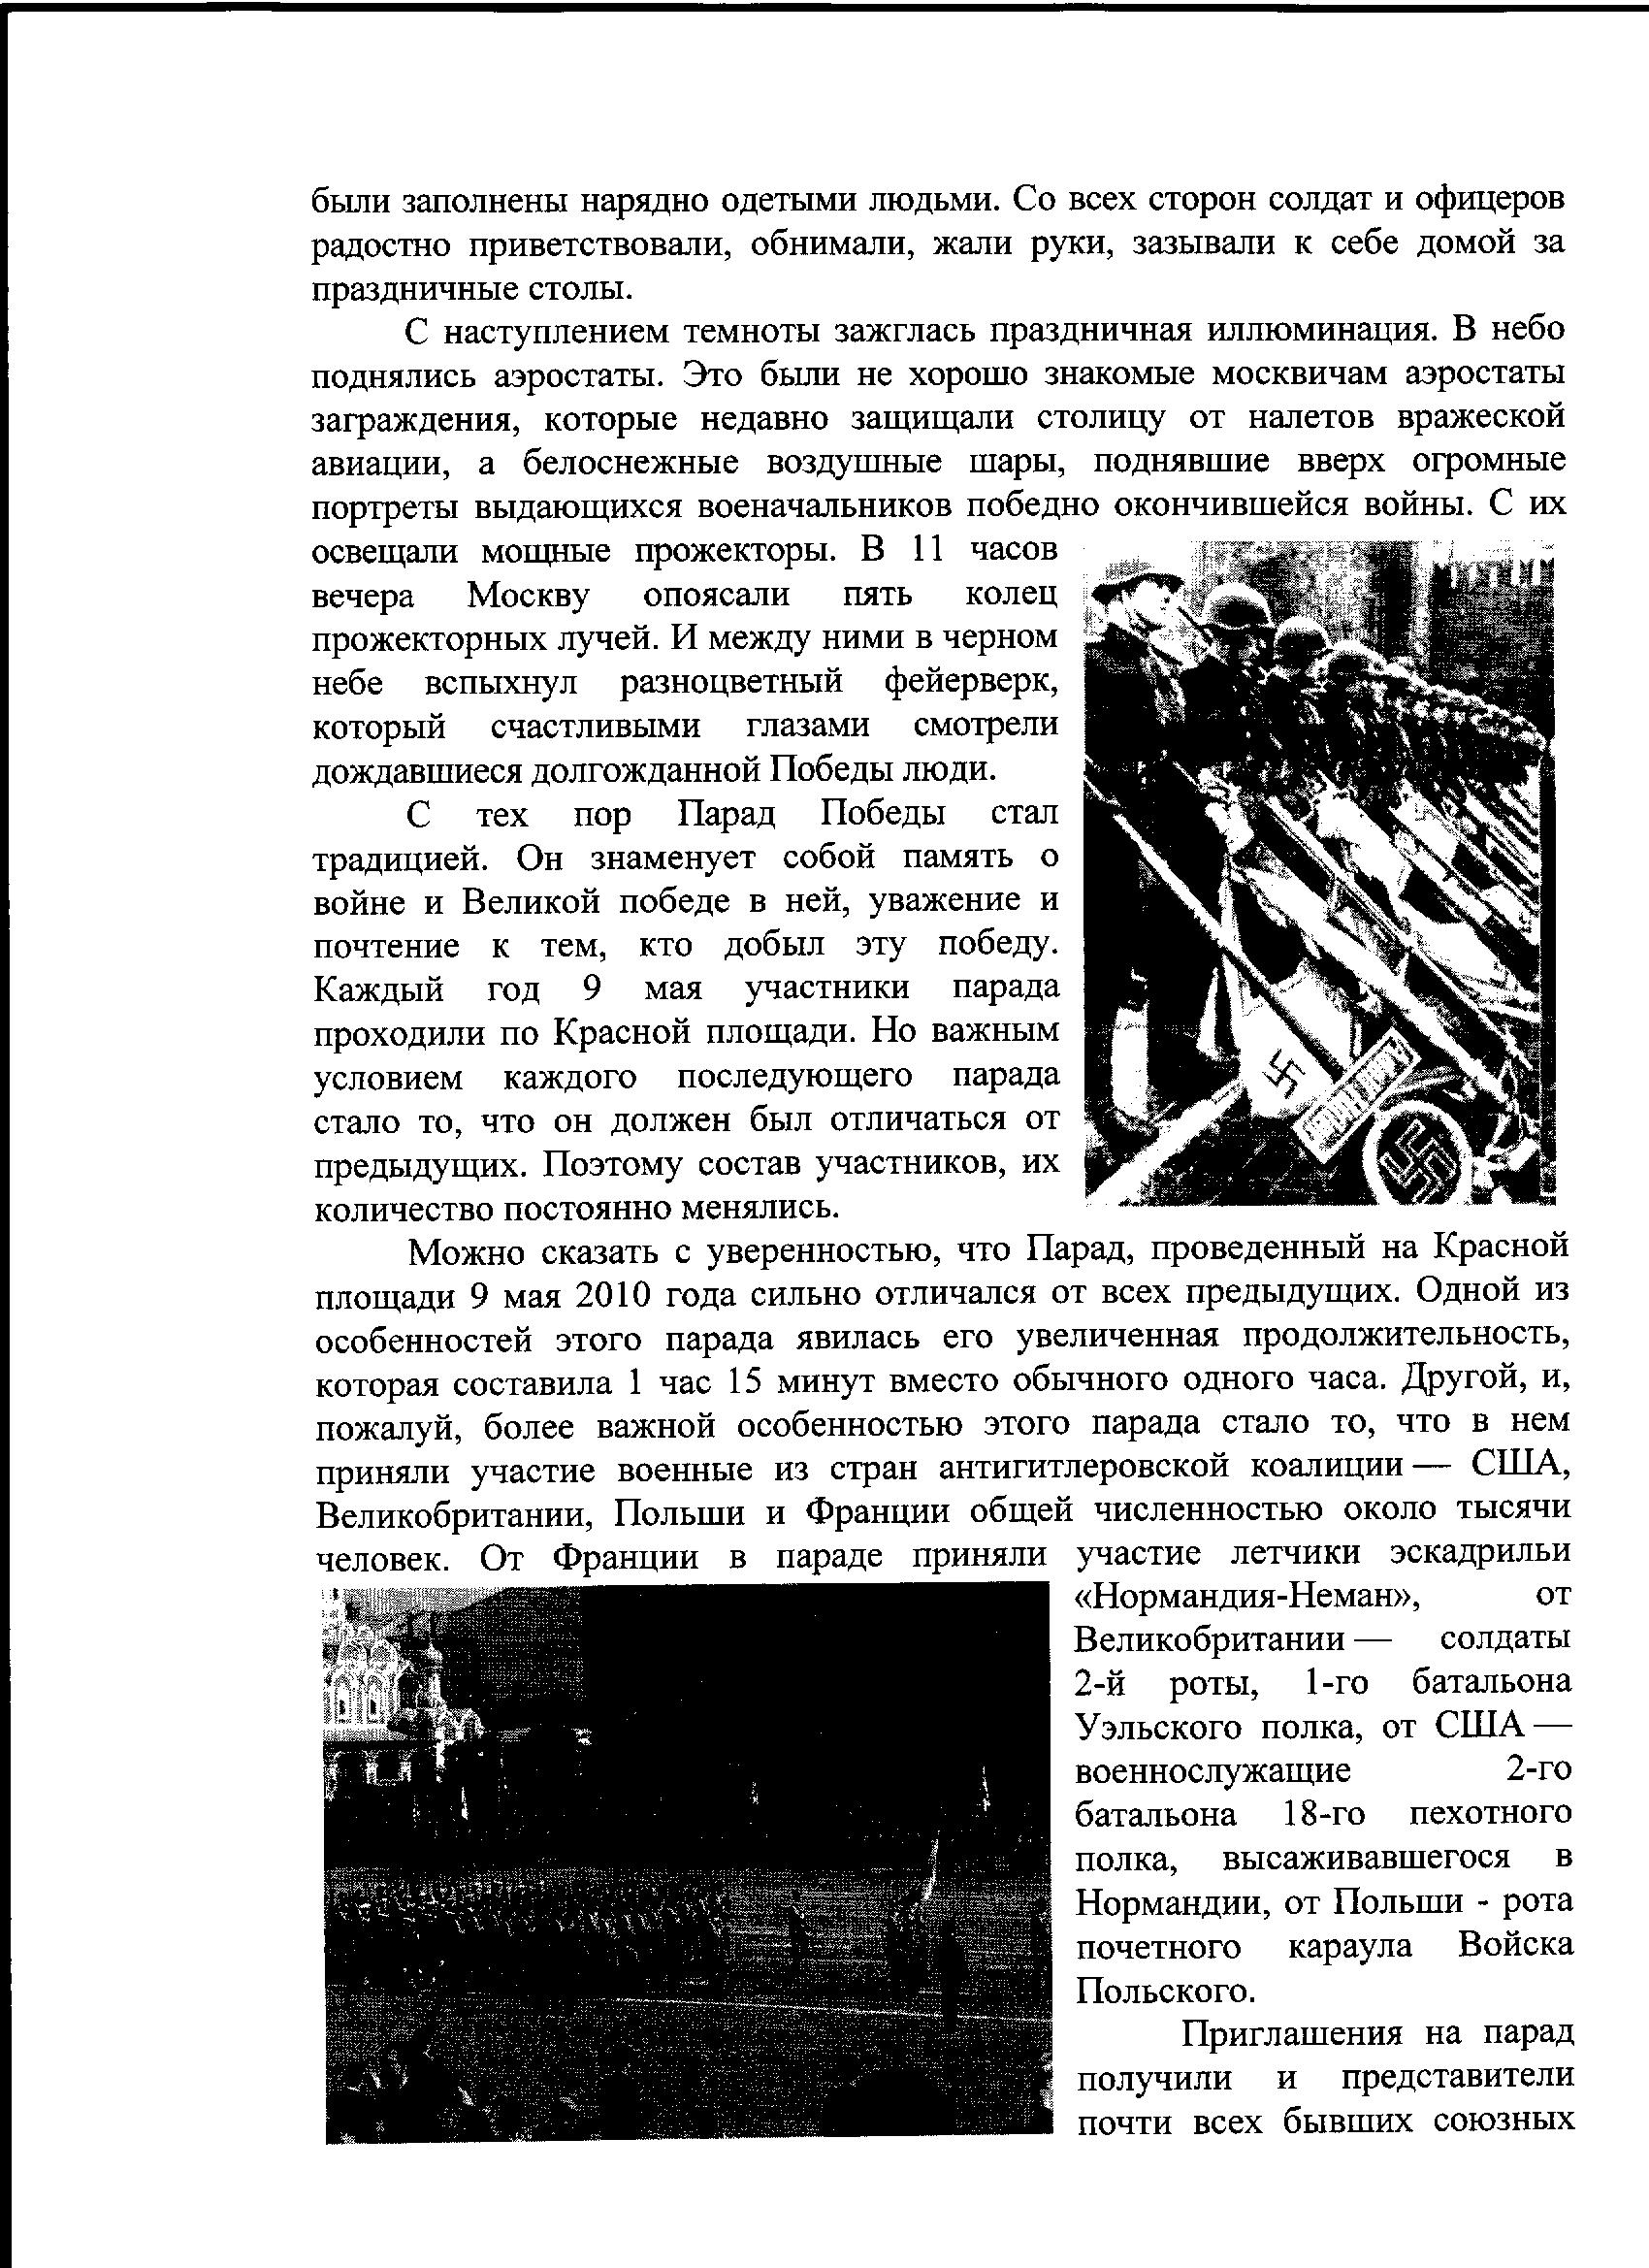 C:\Documents and Settings\Николай\Мои документы\Мои рисунки\Парадя папка\Парад 3.bmp